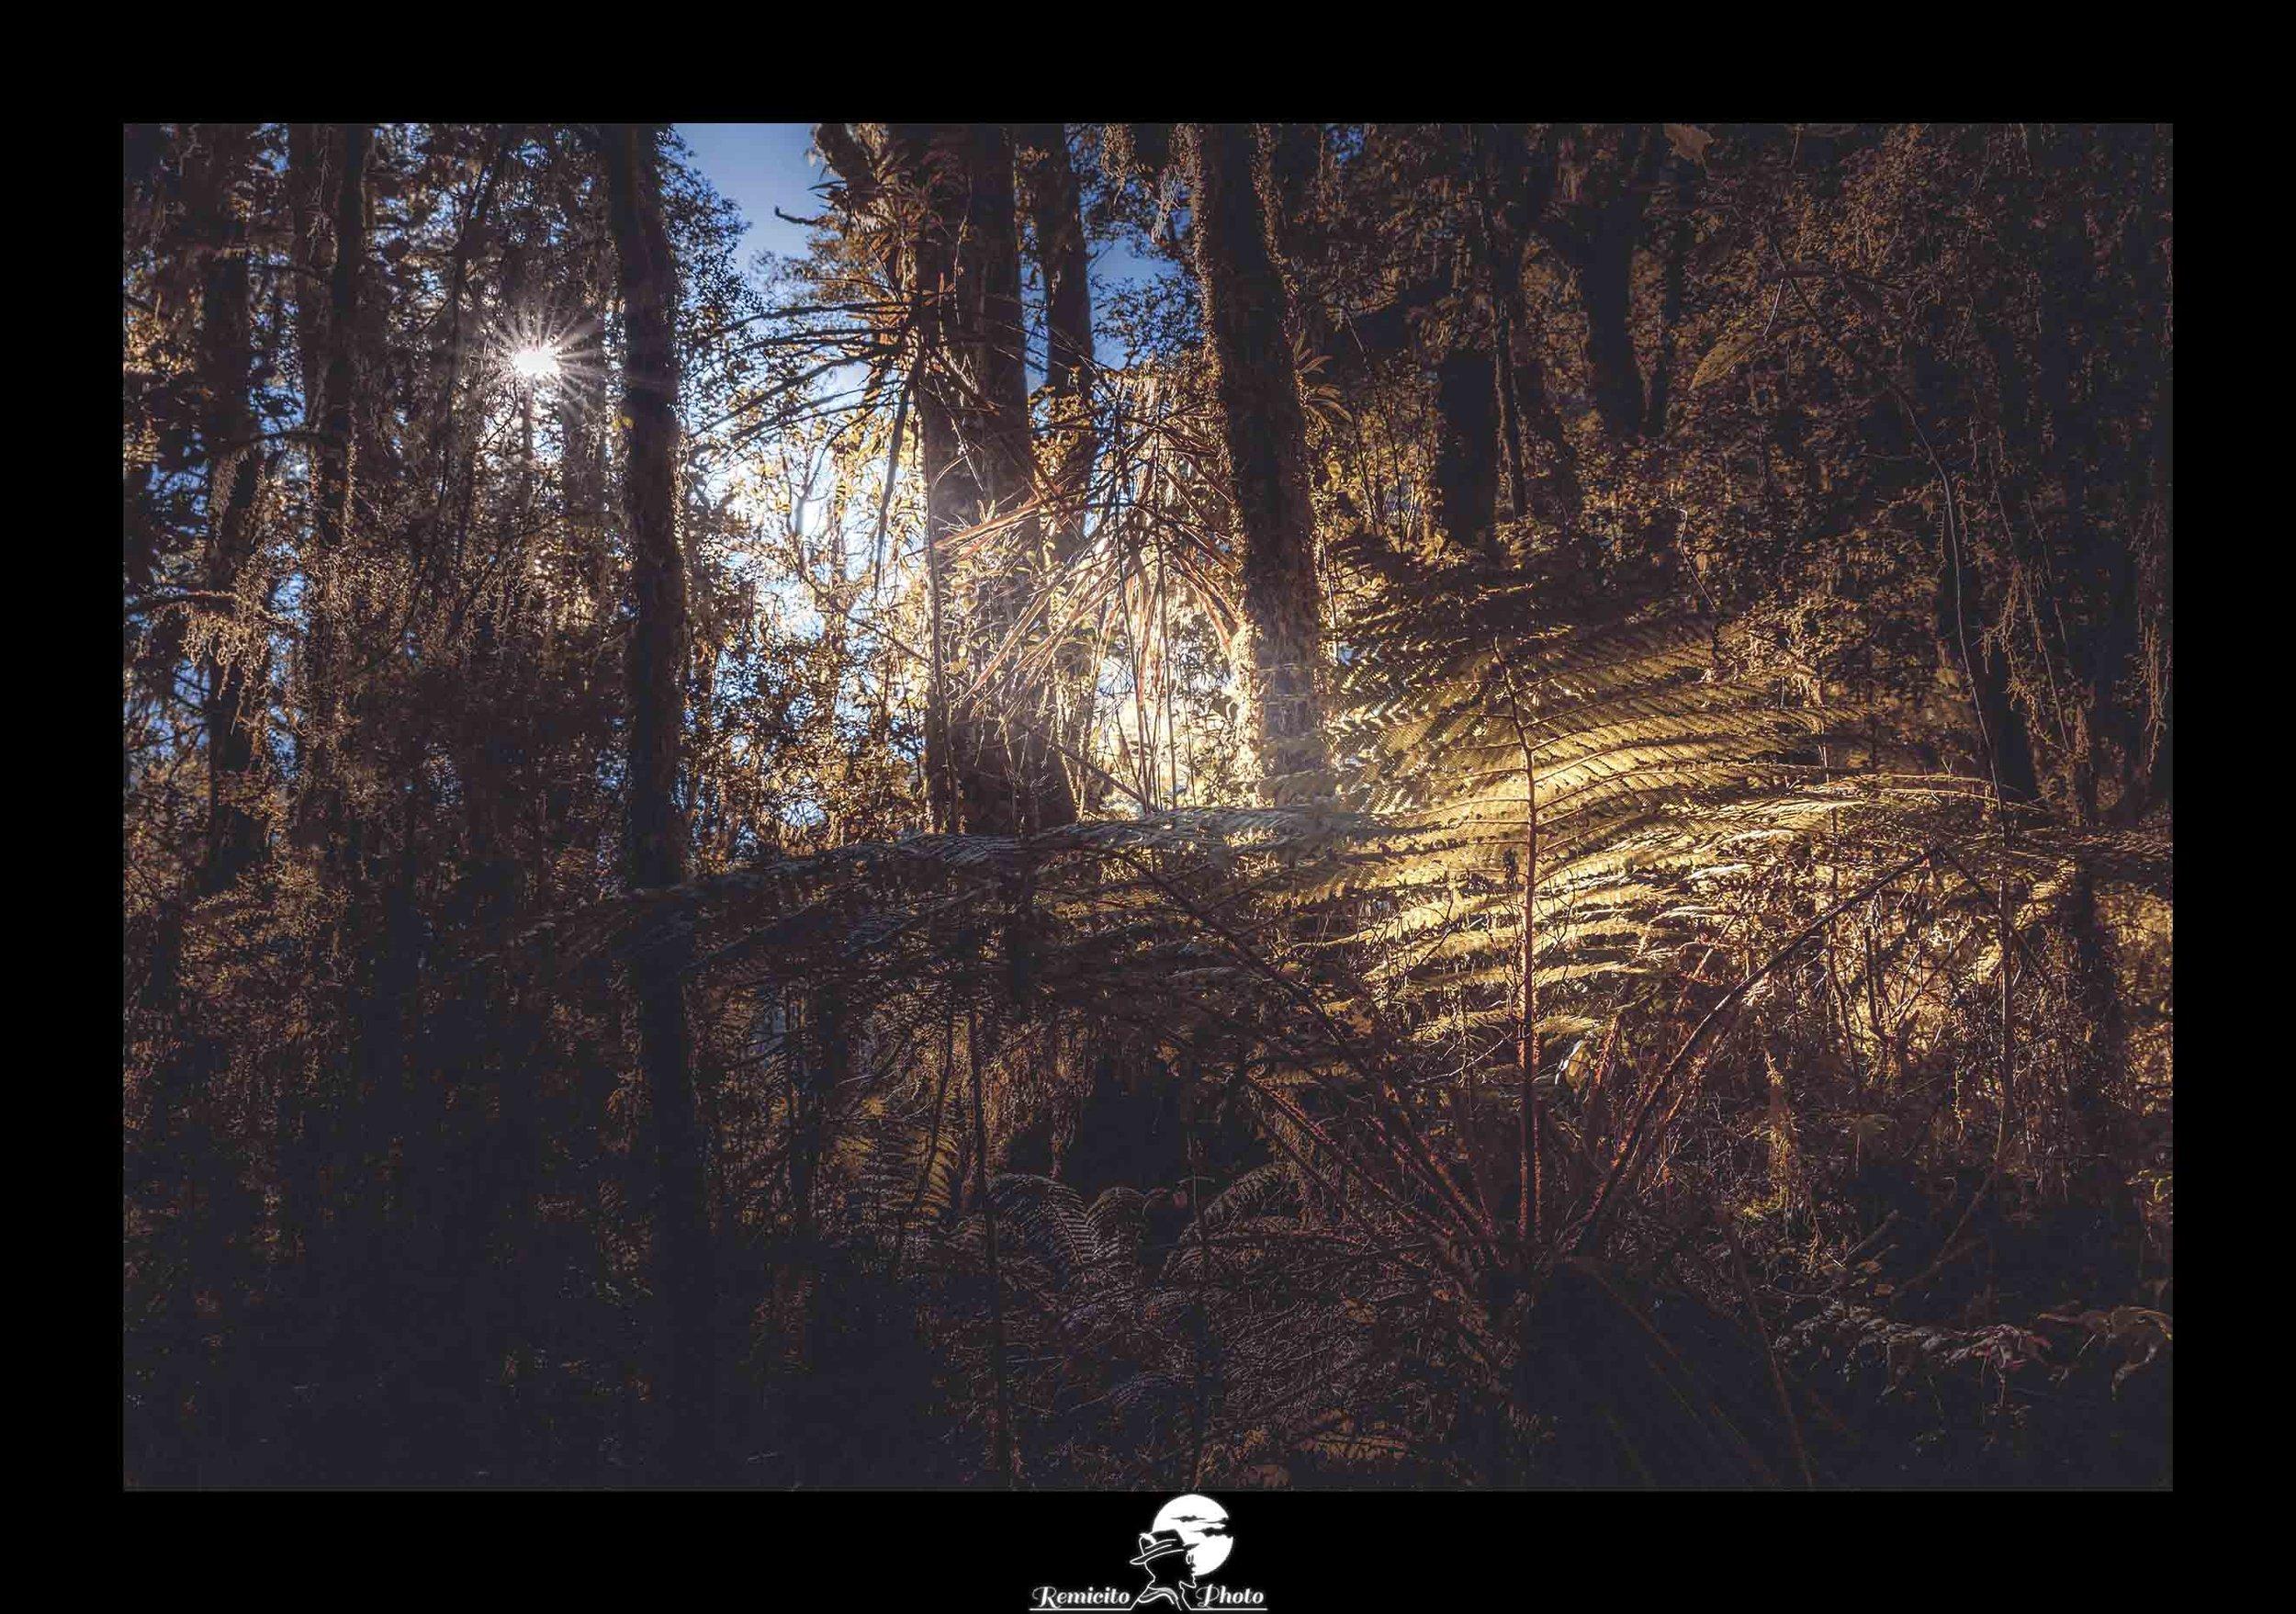 Remicito photo, remicito rémi lacombe photographe paris, belle photo idée cadeau forêt lumière, rayon de lumière forêt fougère